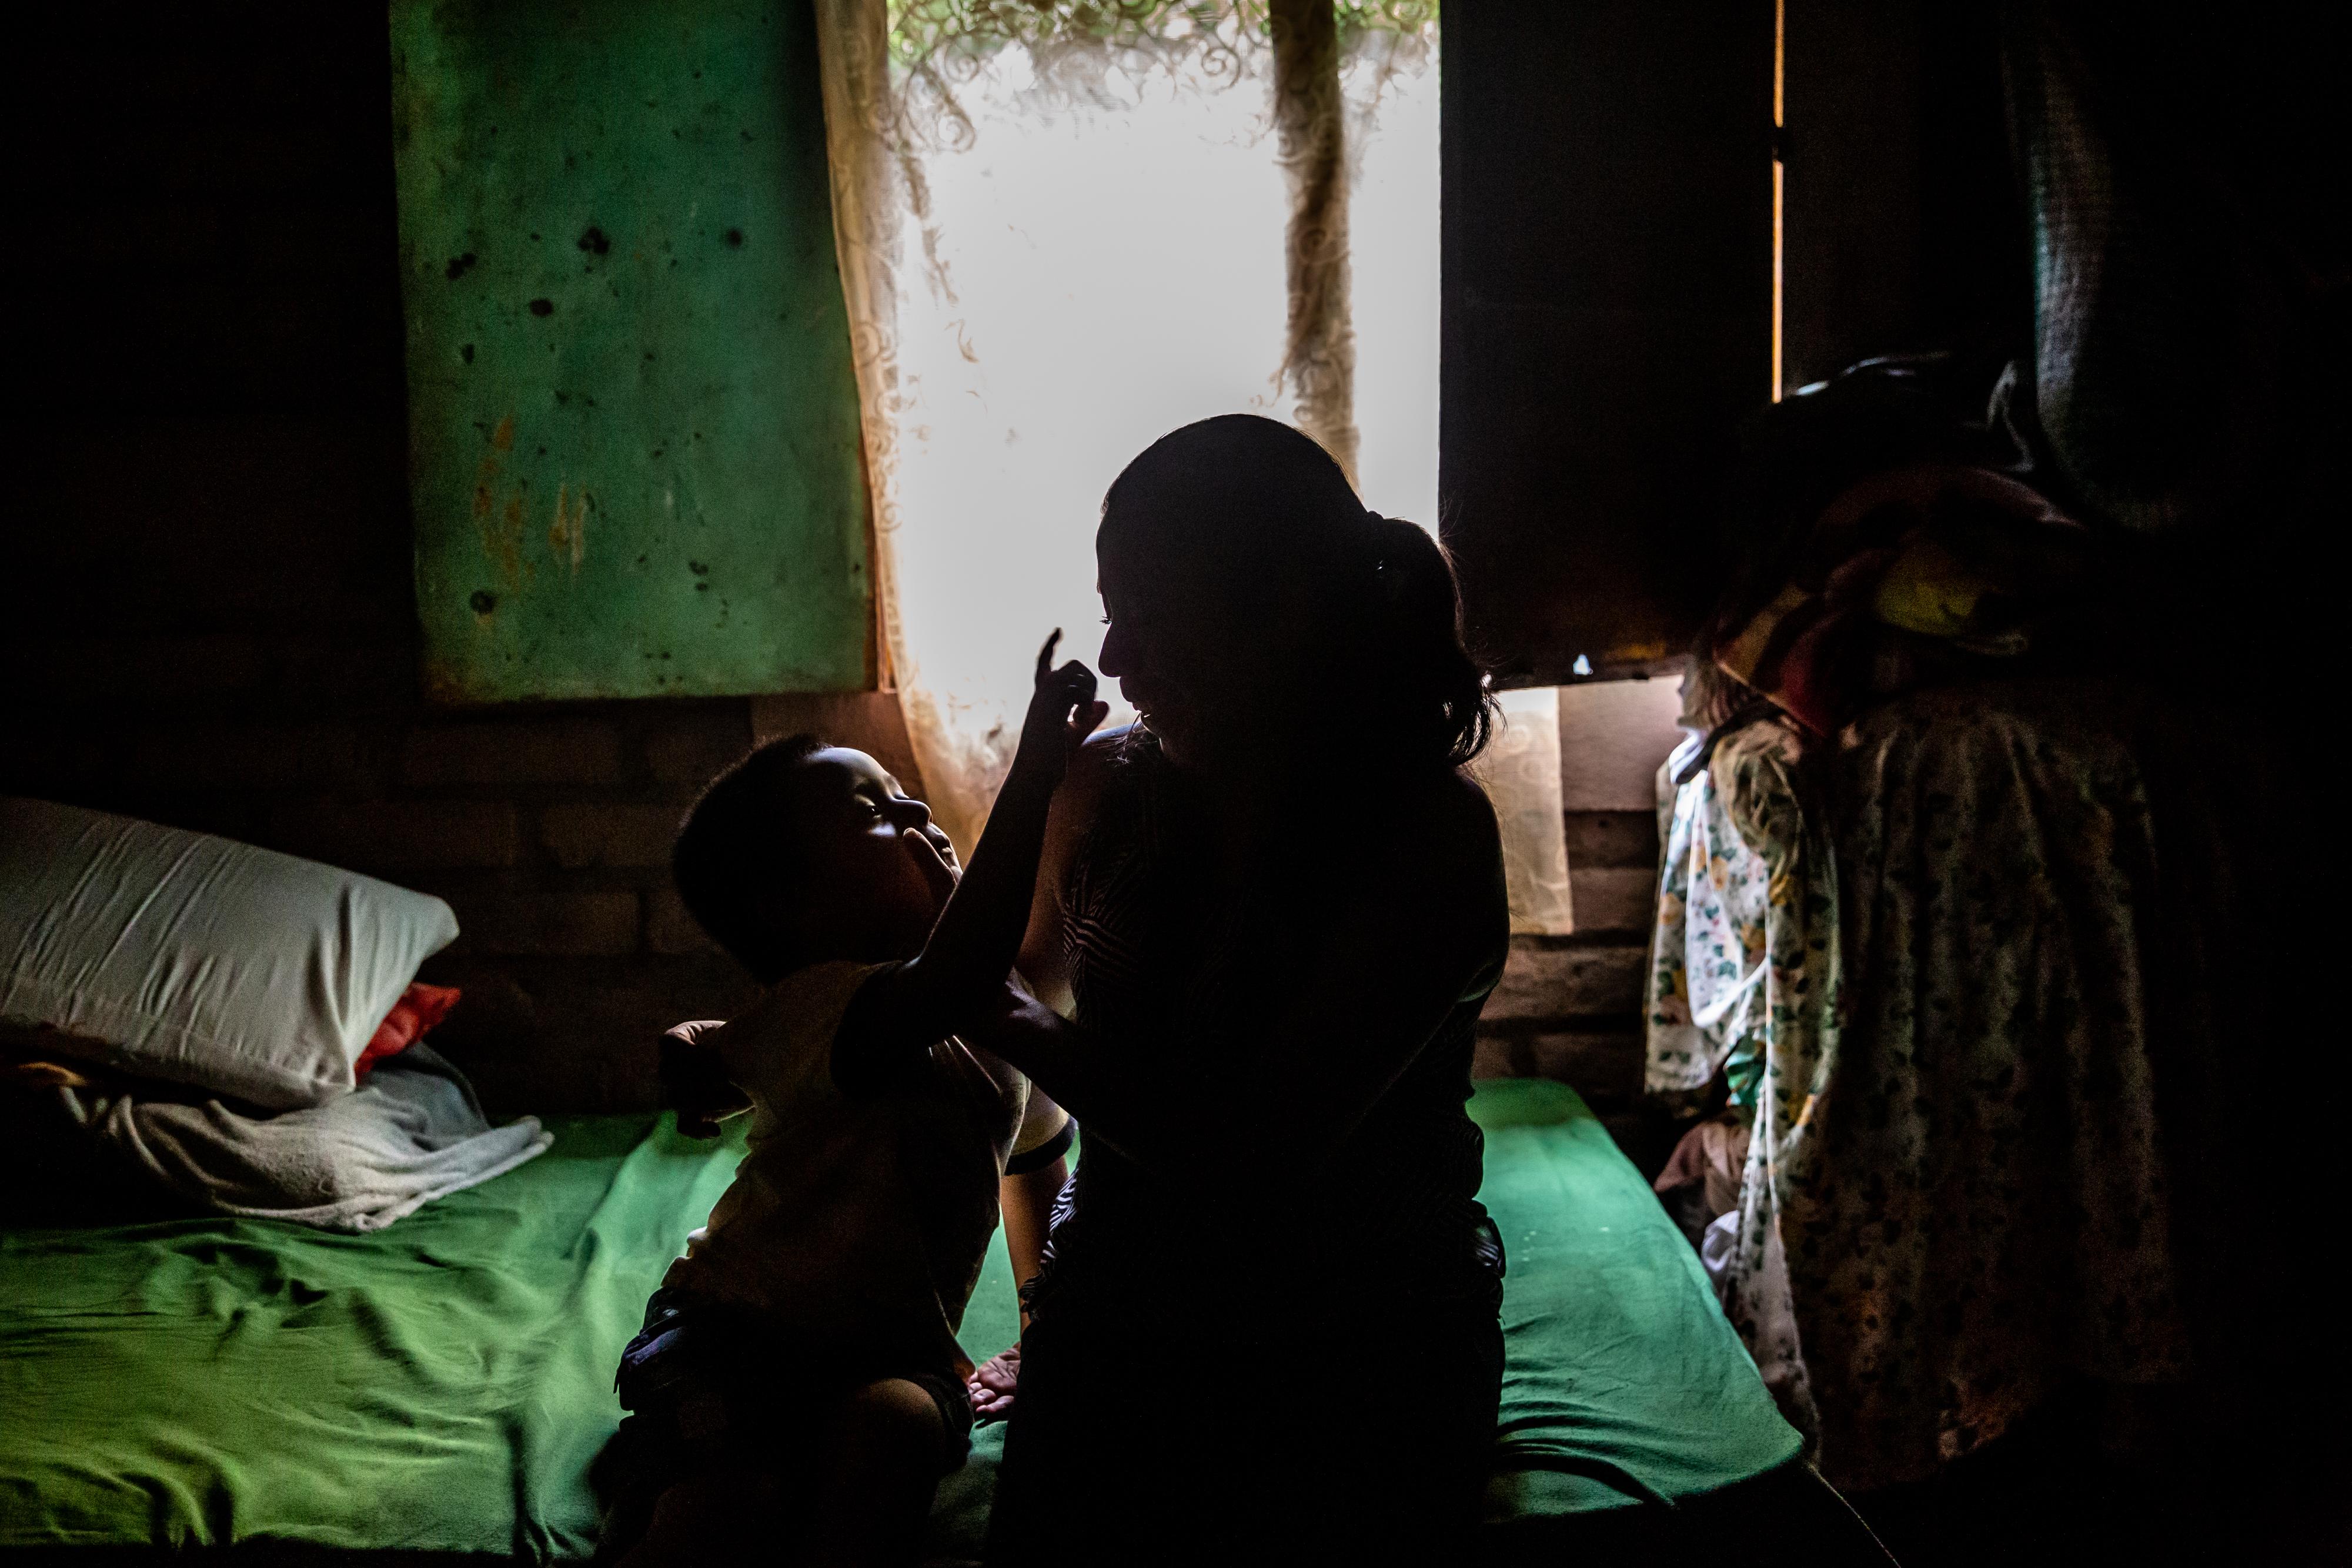 Comença el rodatge del documental 'La vida després', un treball impulsat per la Fundació ABD que retrata la vida de tres dones empresonades a El Salvador per haver patit parts extrahospitalaris